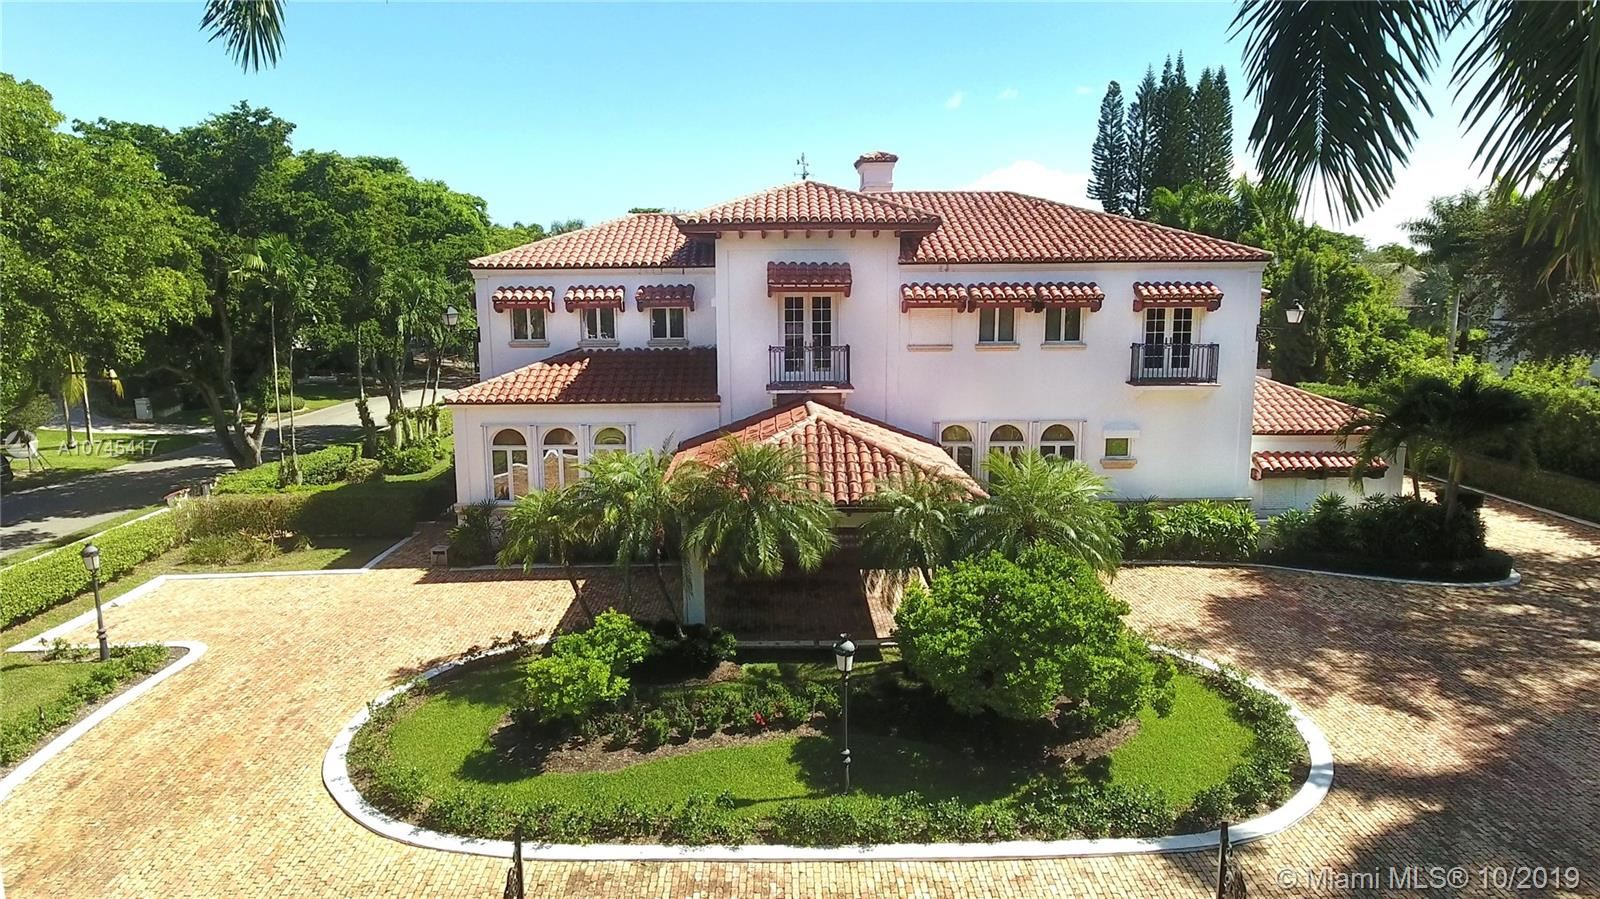 7801 Los Pinos Blvd, Coral Gables, FL 33143 - #: A10745417